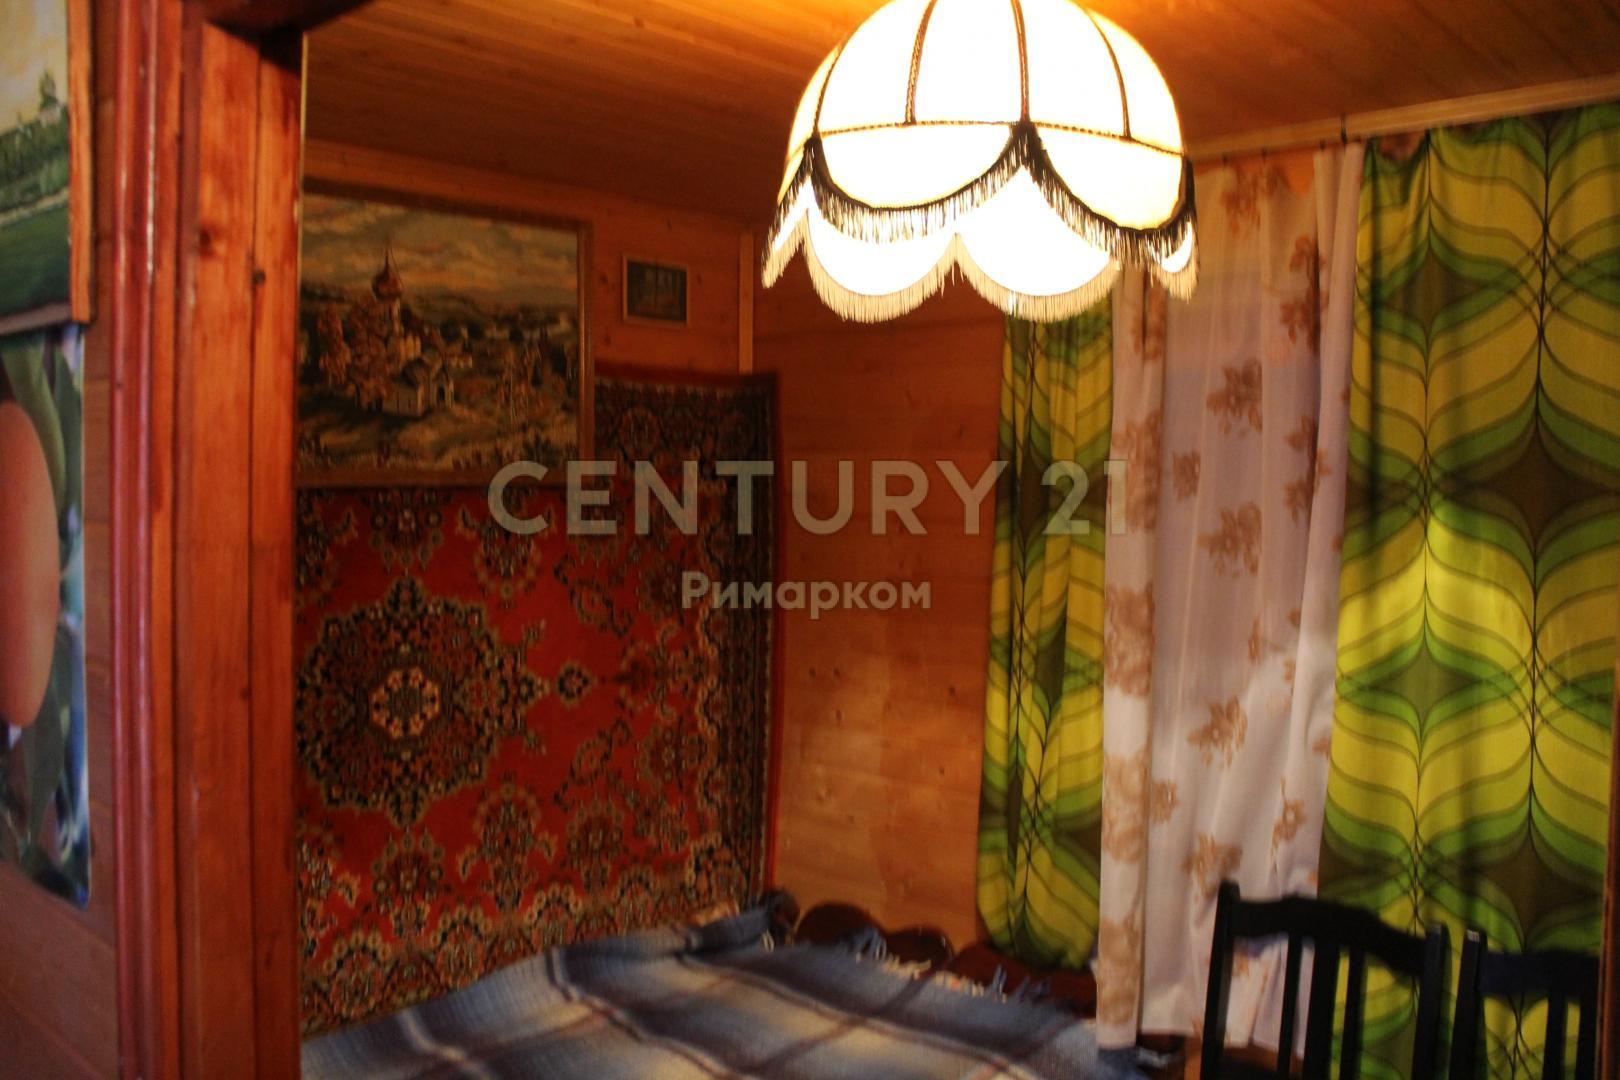 Продам дача по адресу Россия, Москва и Московская область, городской округ Чехов, Дубрава фото 5 по выгодной цене